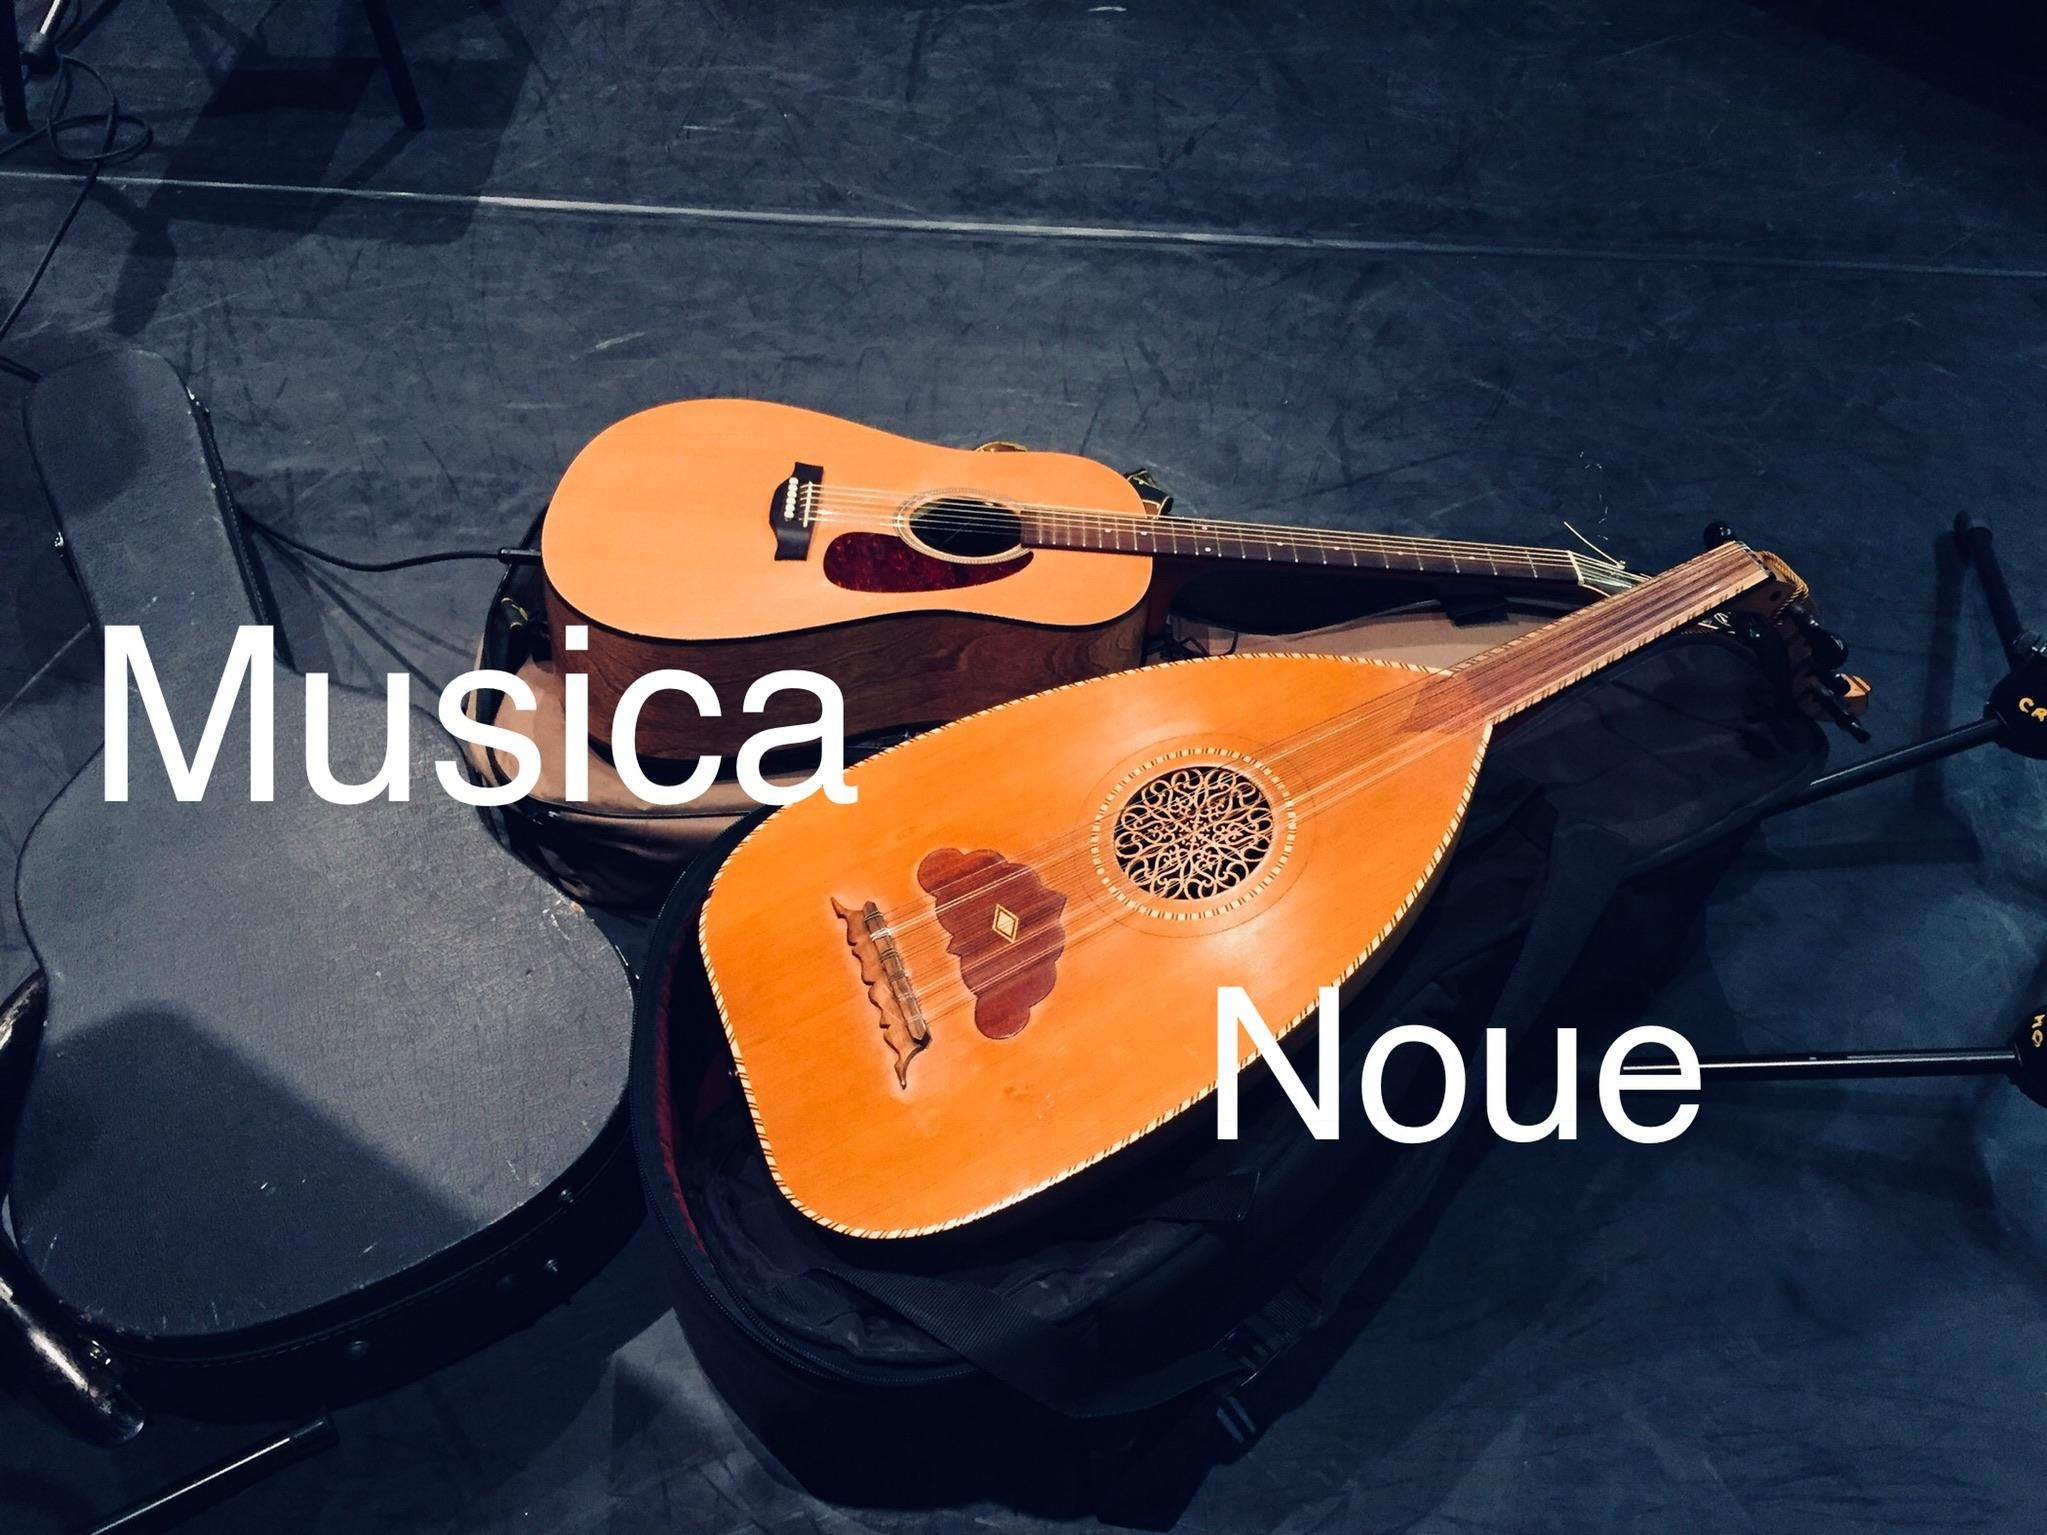 Musica Noue. Chants du monde de la Noue!